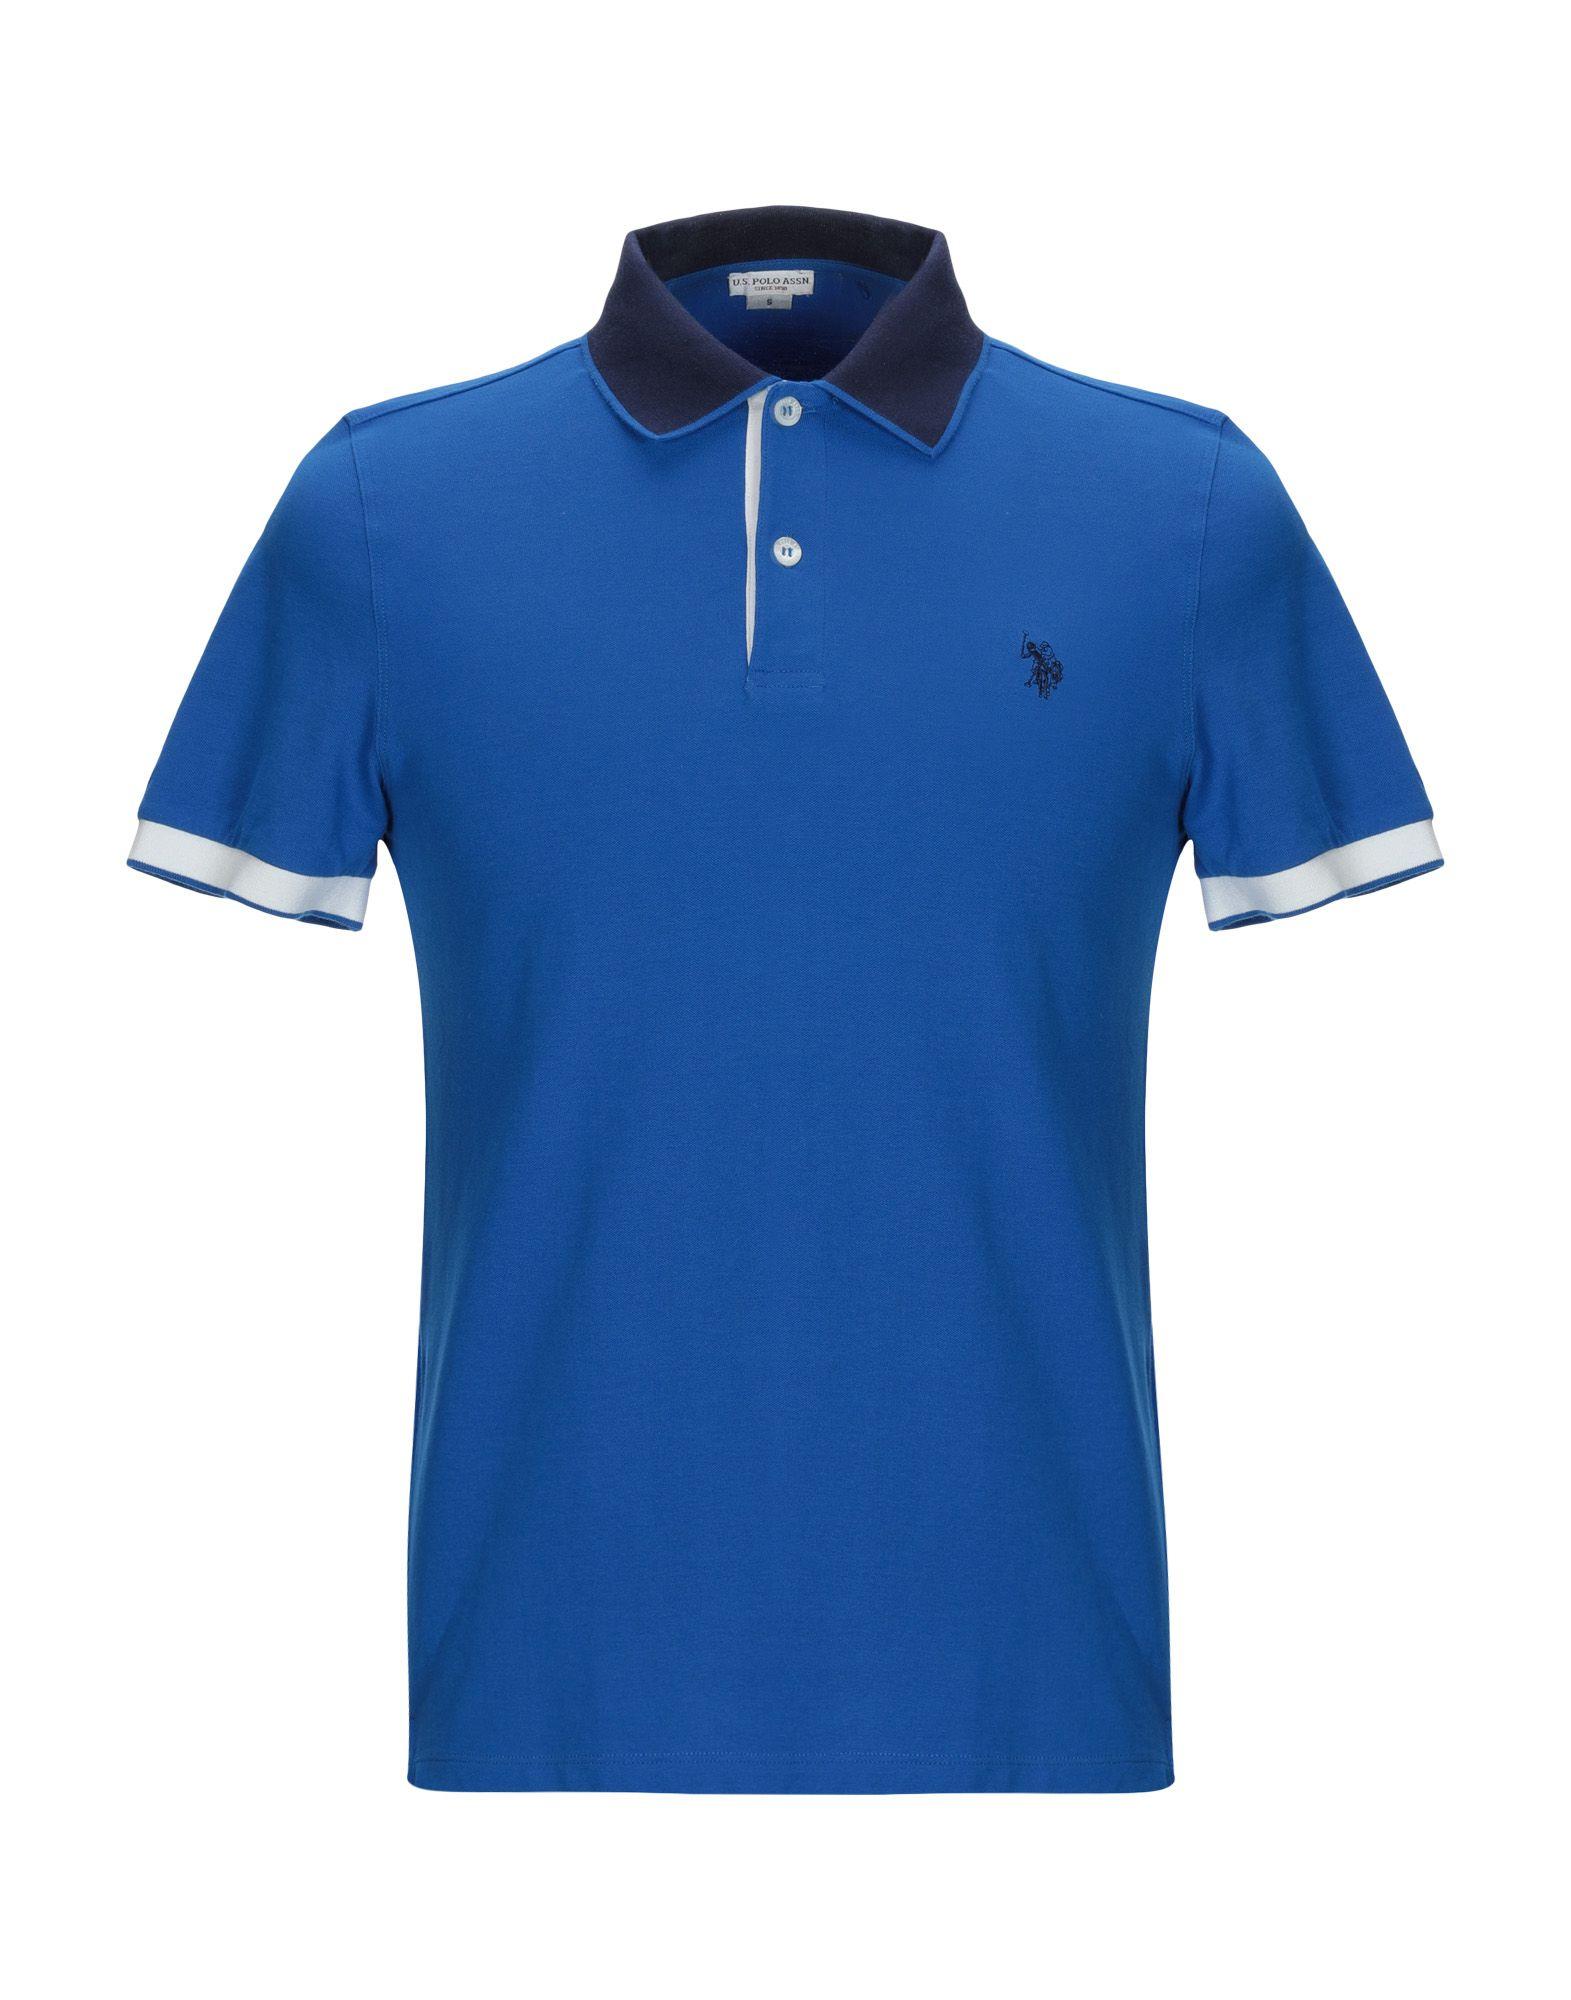 5cb5d540103 U.S.Polo Assn. Polo Shirt - Men U.S.Polo Assn. Polo Shirts online on ...